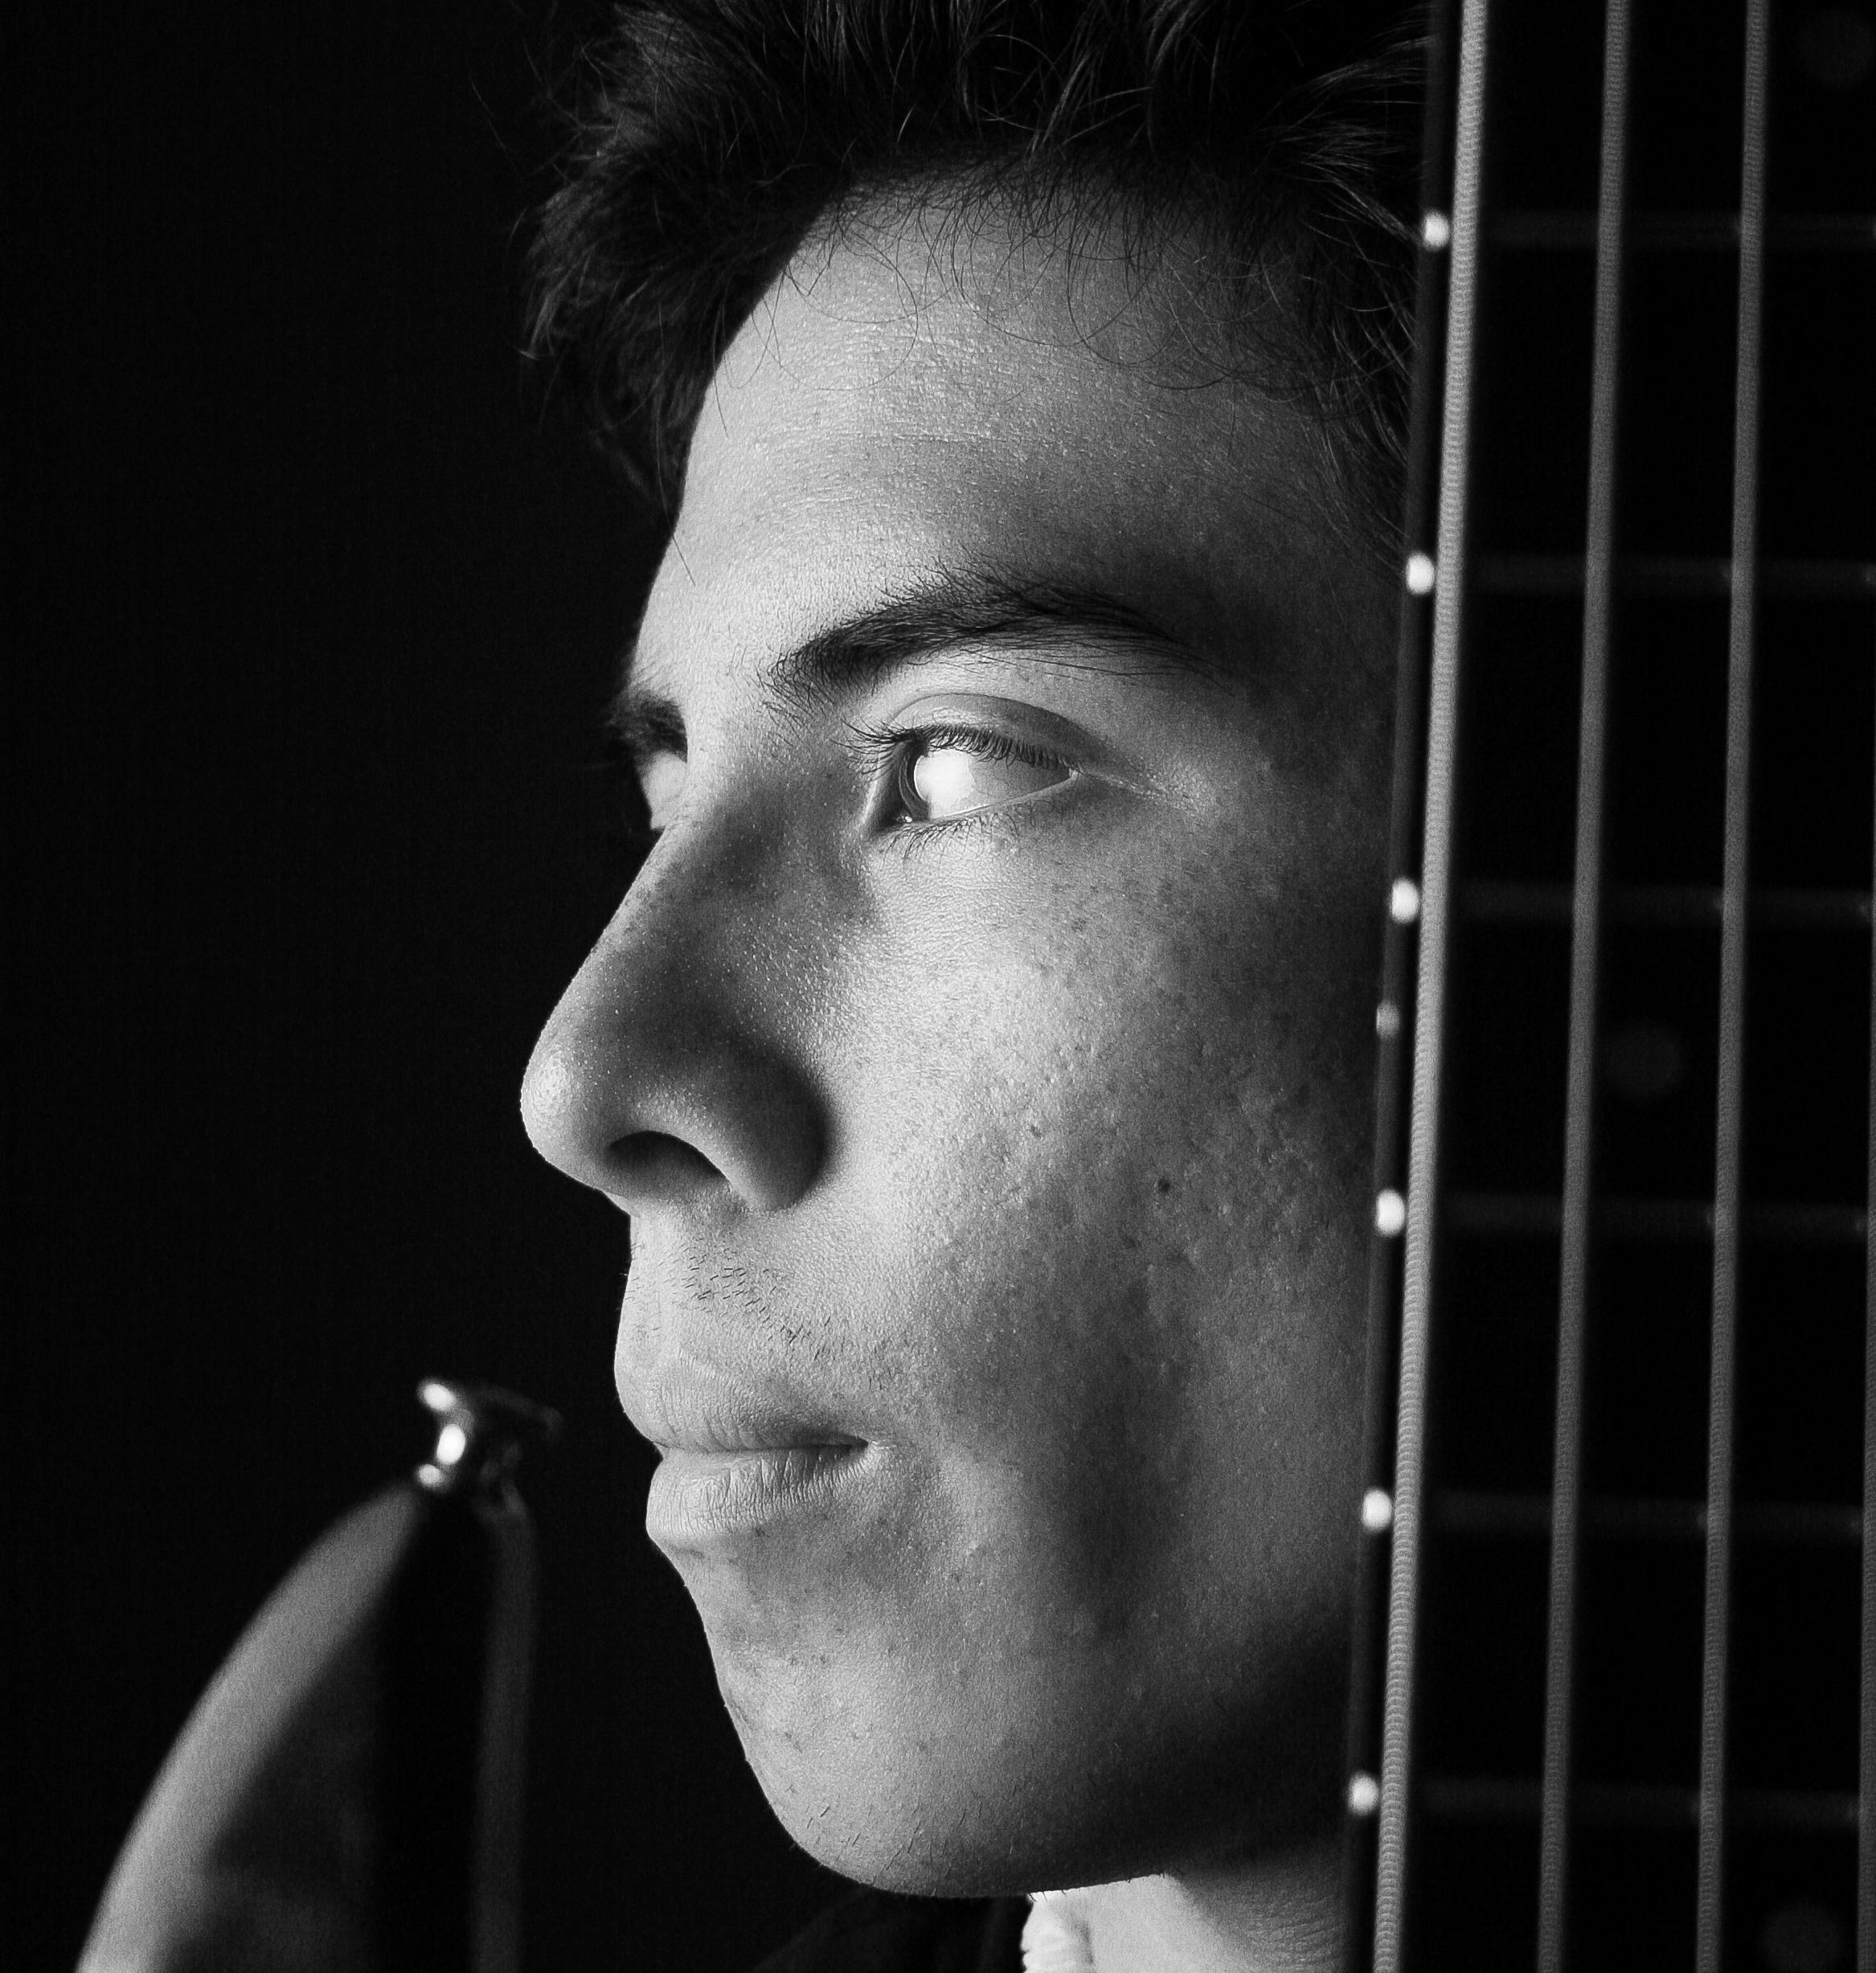 Profile: Michael Shiono